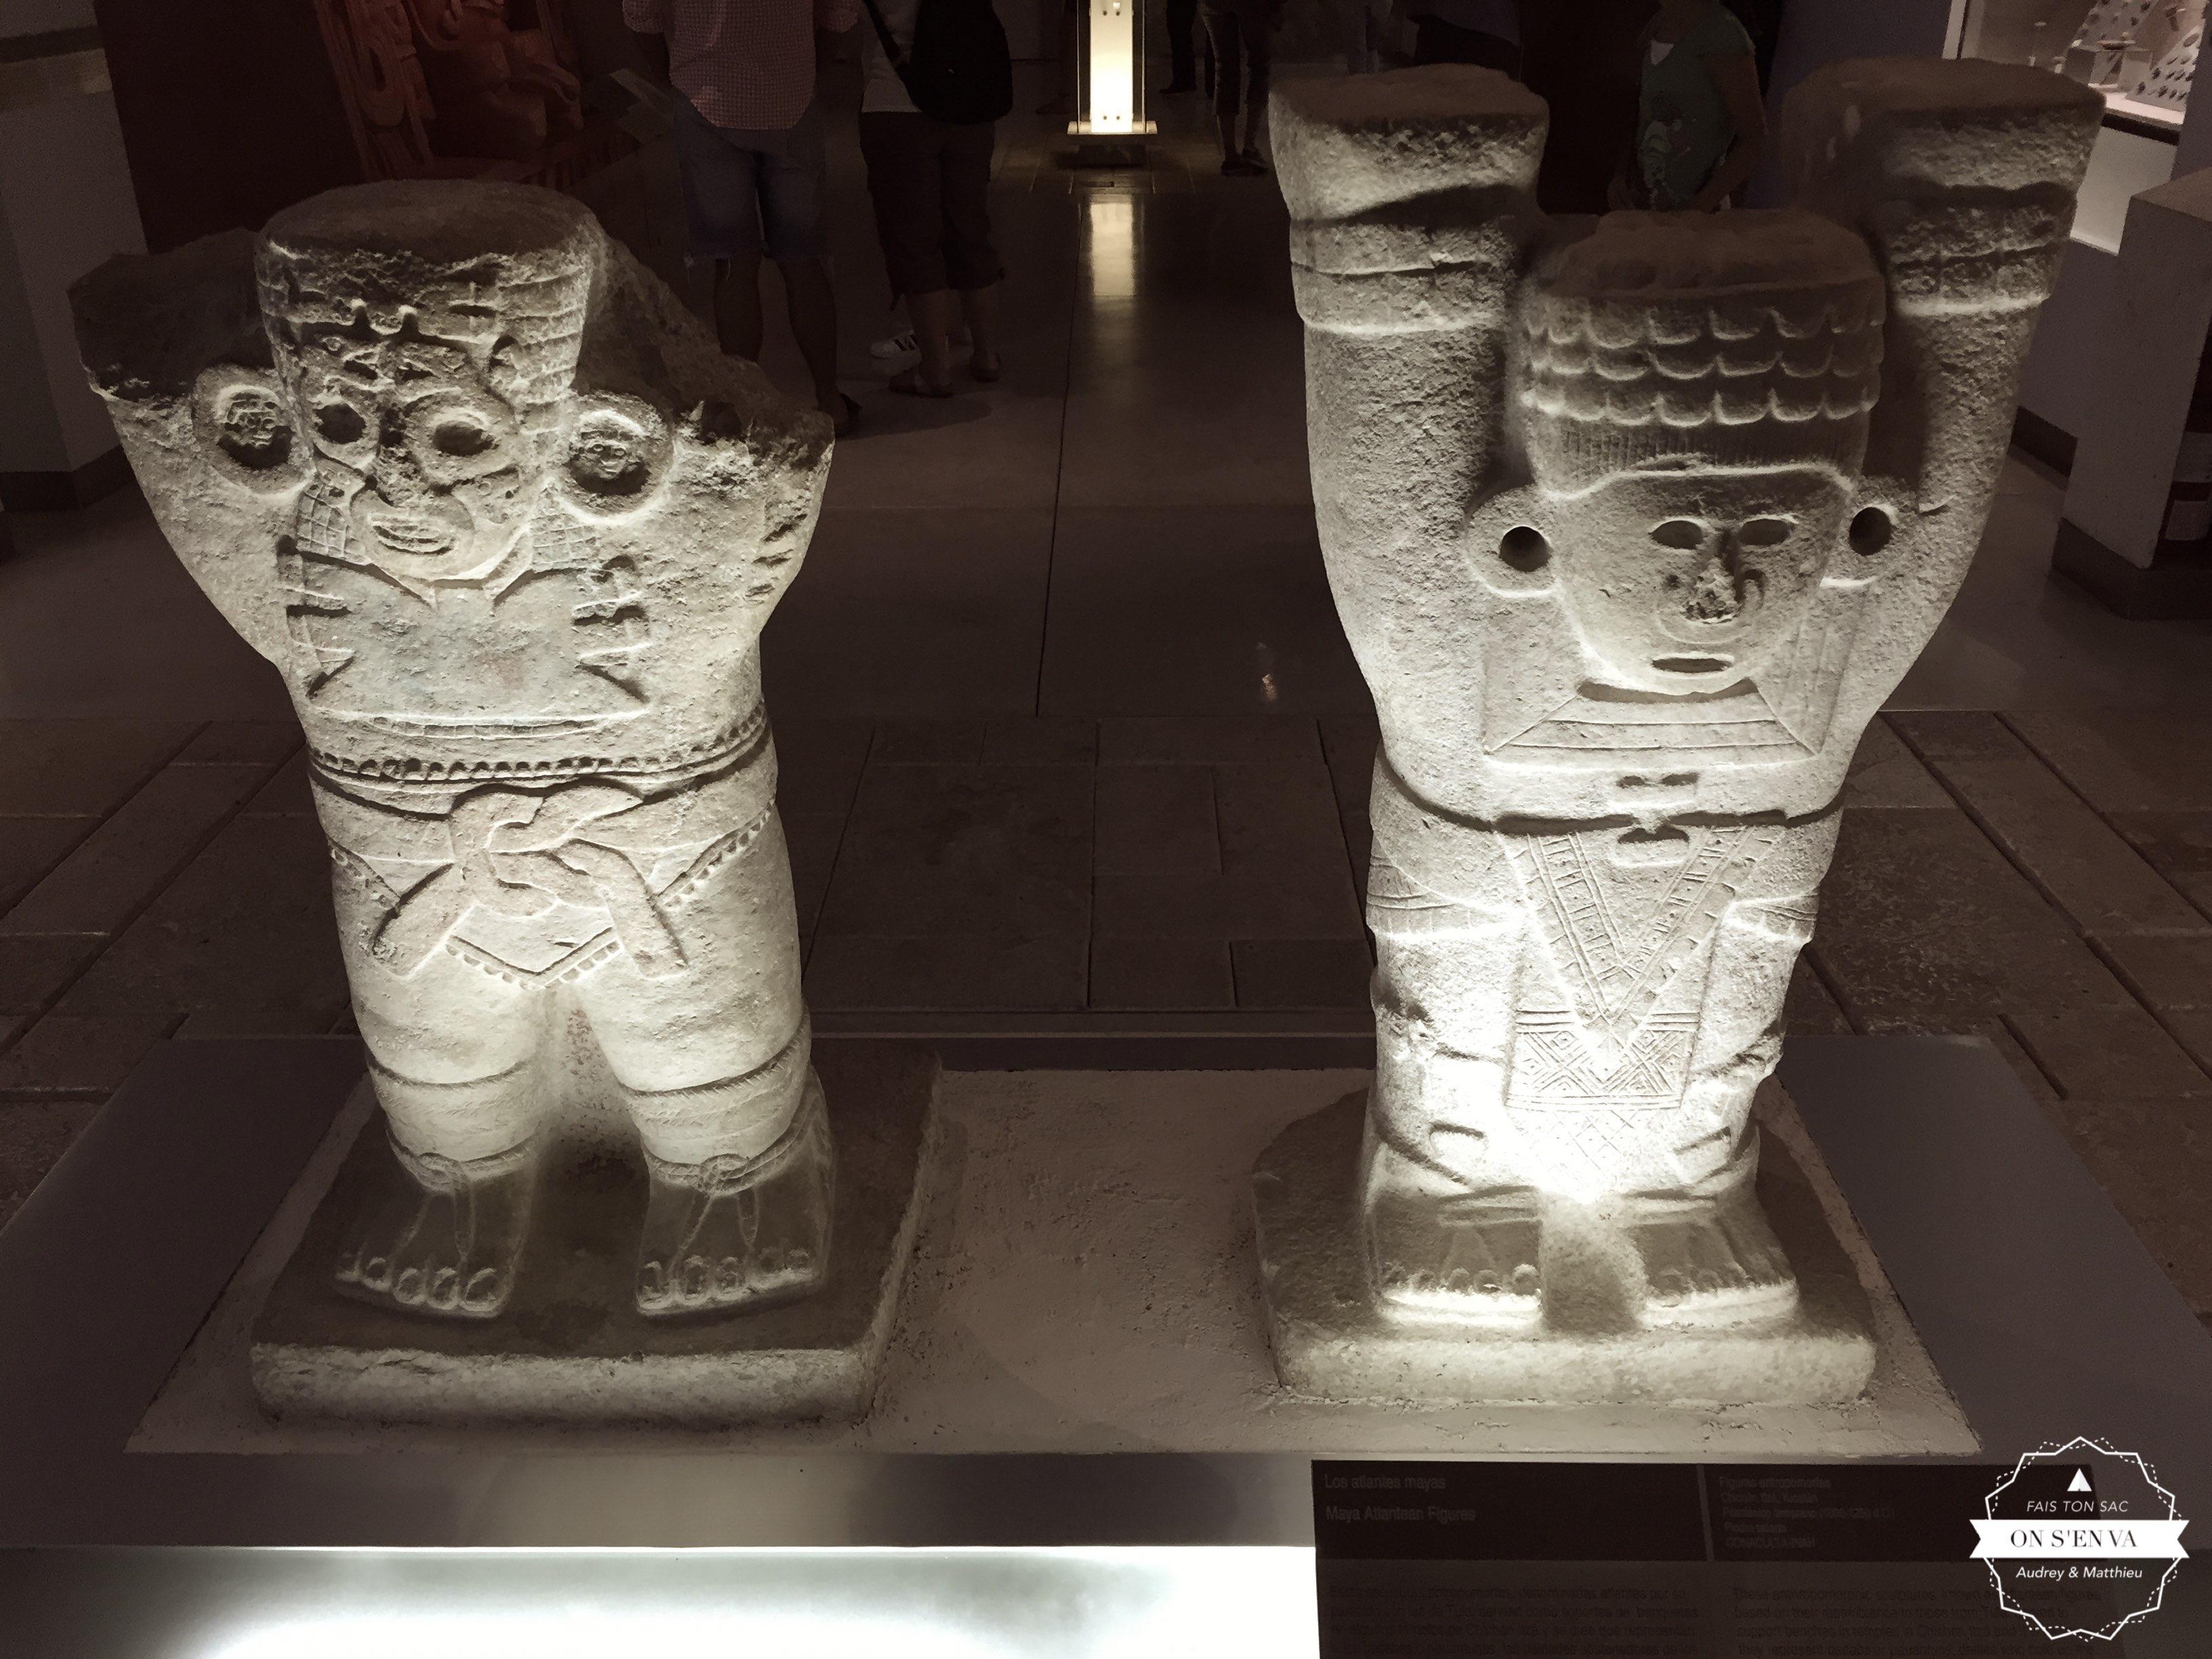 Haut les mains au musée!